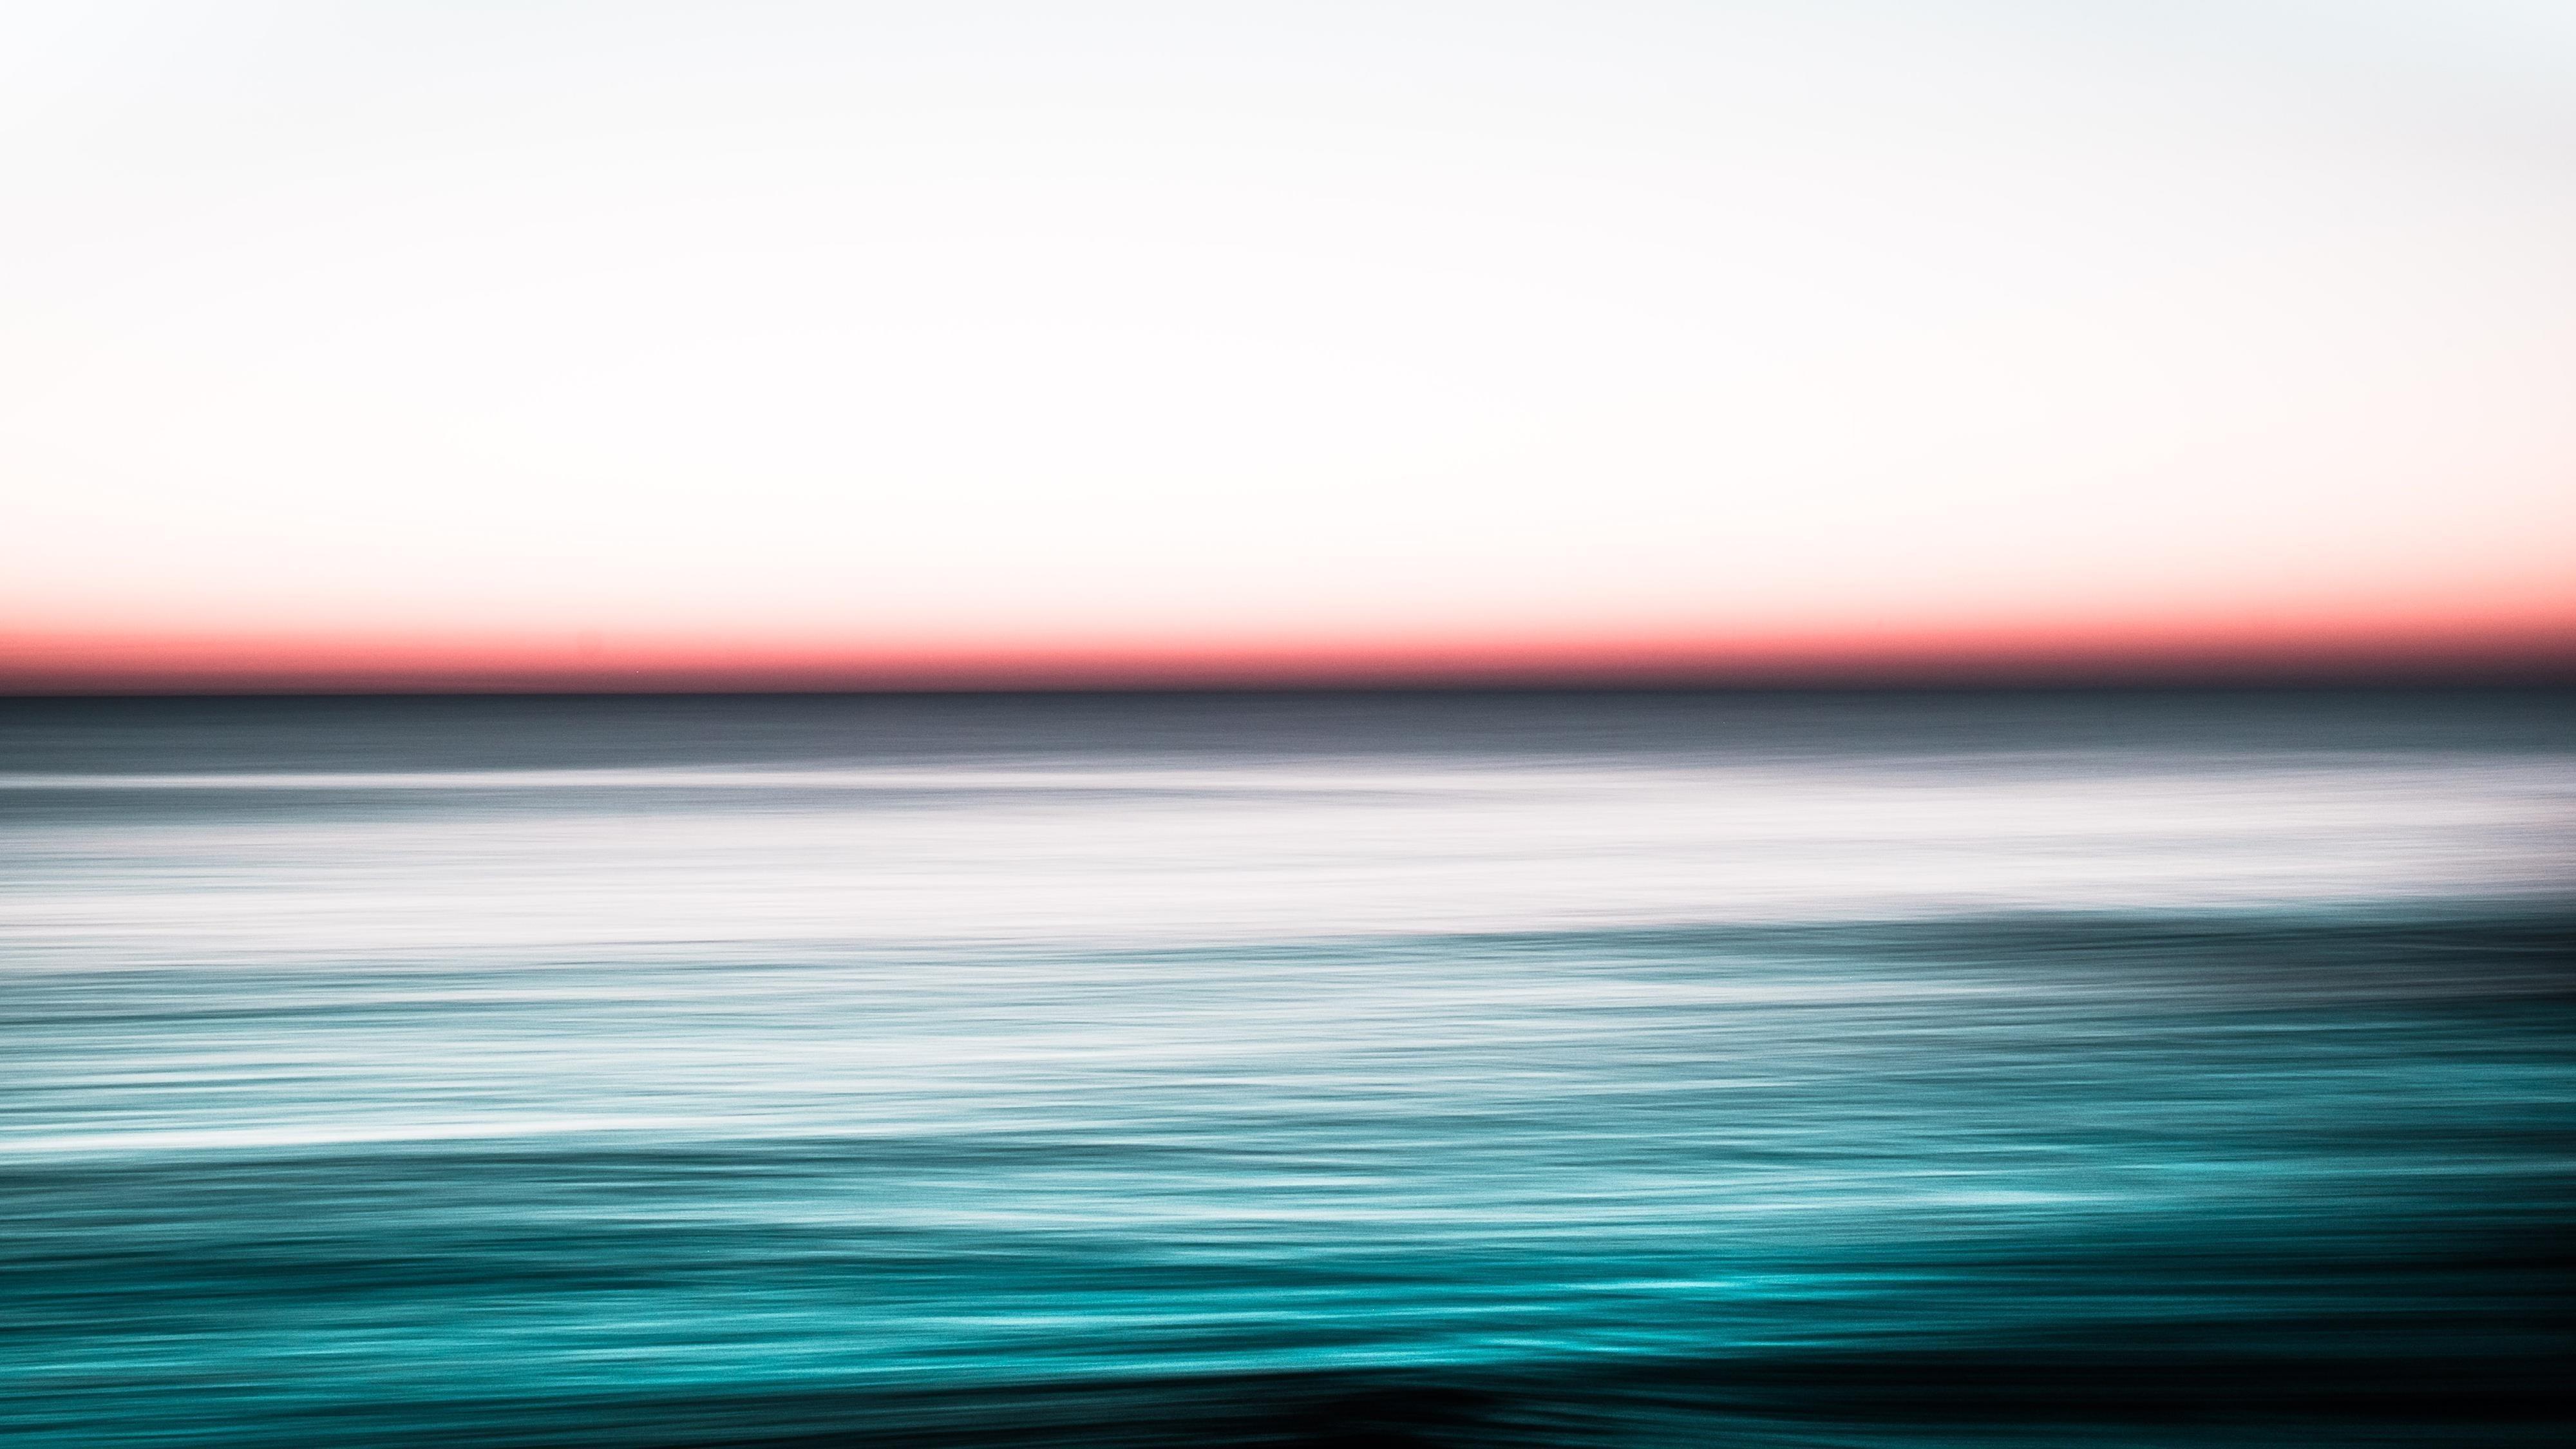 Морской пейзаж длительная экспозиция обои скачать